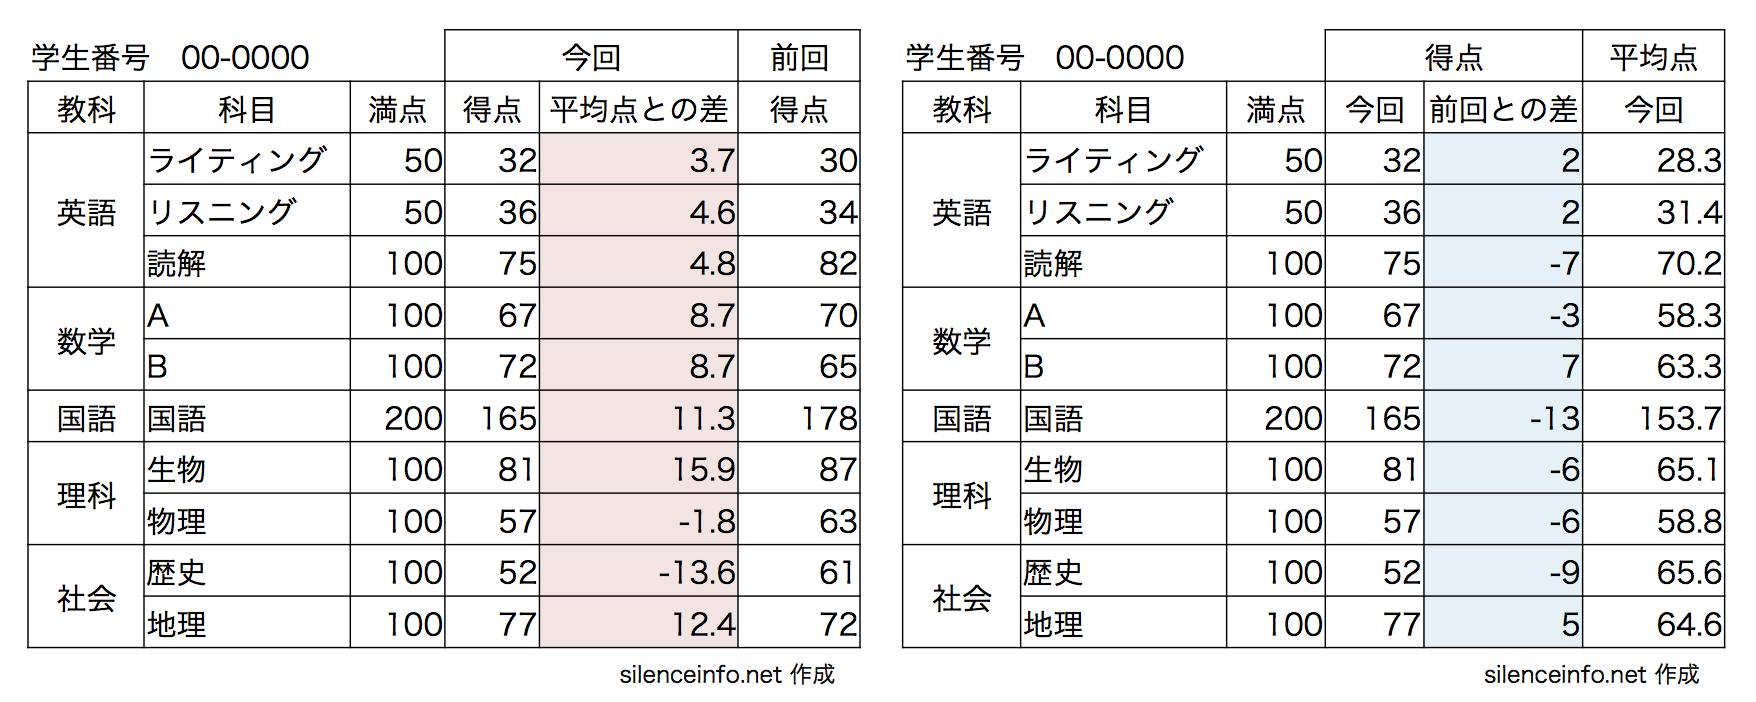 平均点との差と前回の得点との差 2つの表